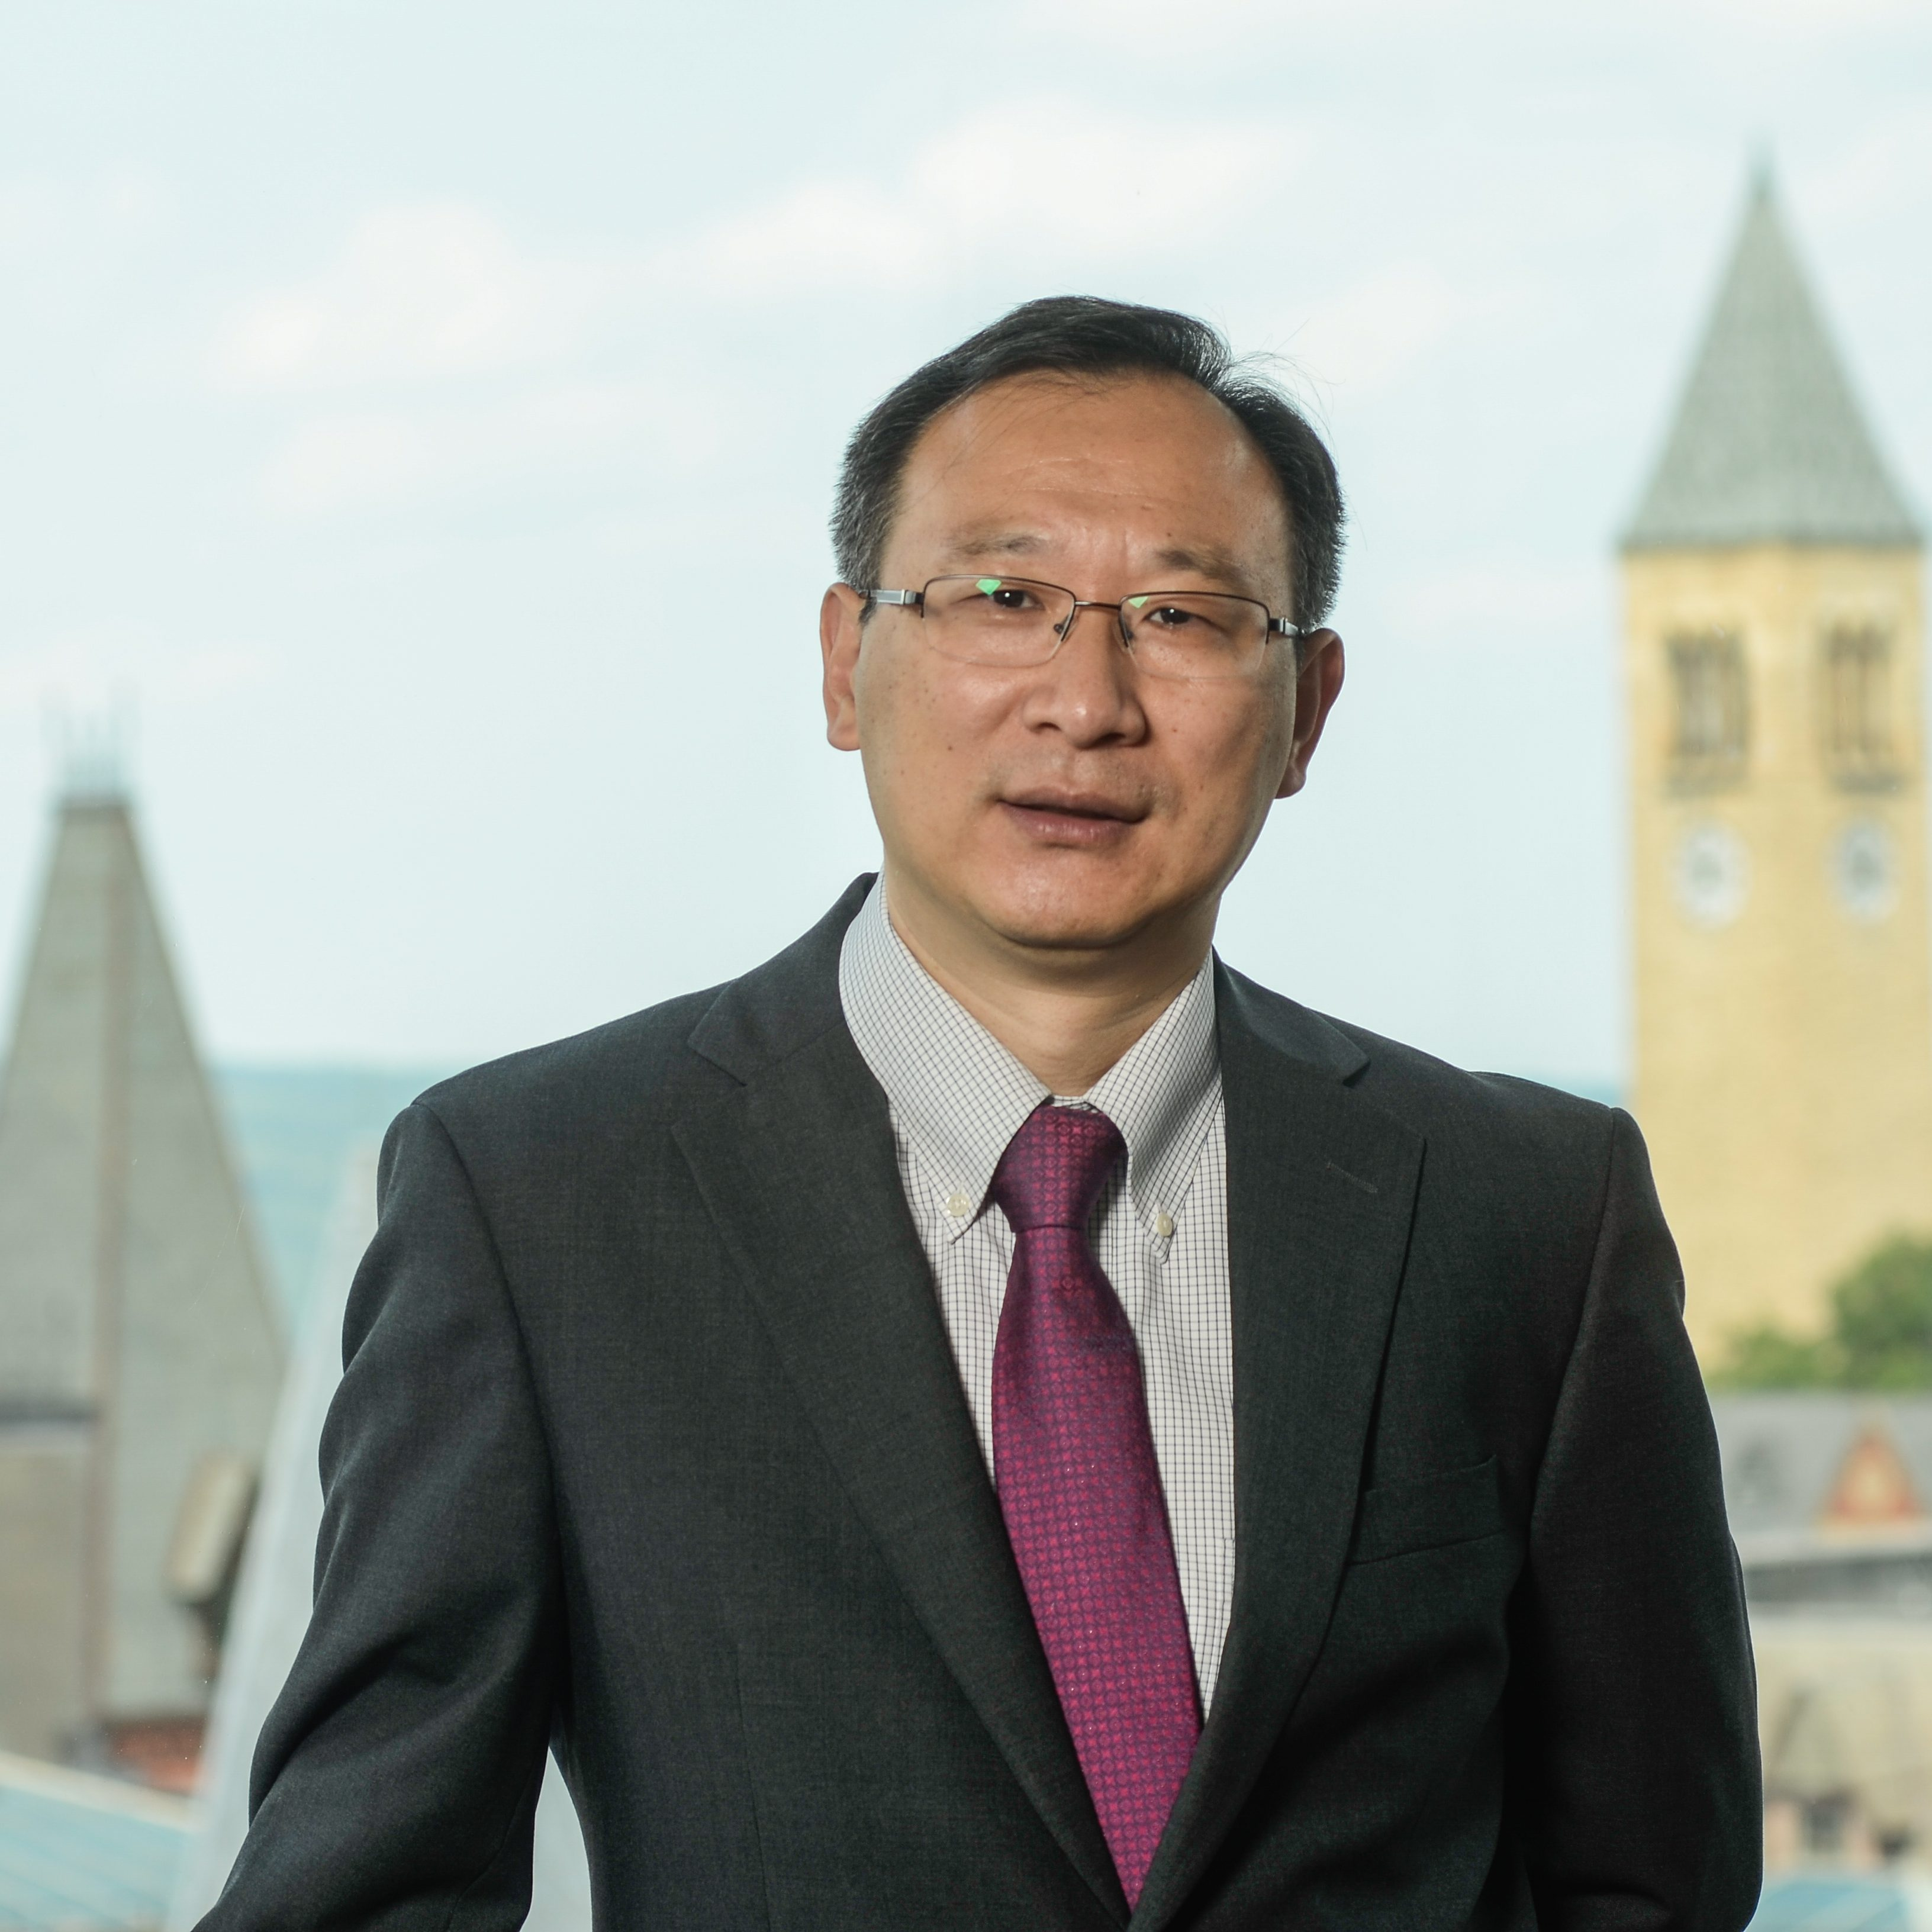 Photo of Peng Liu